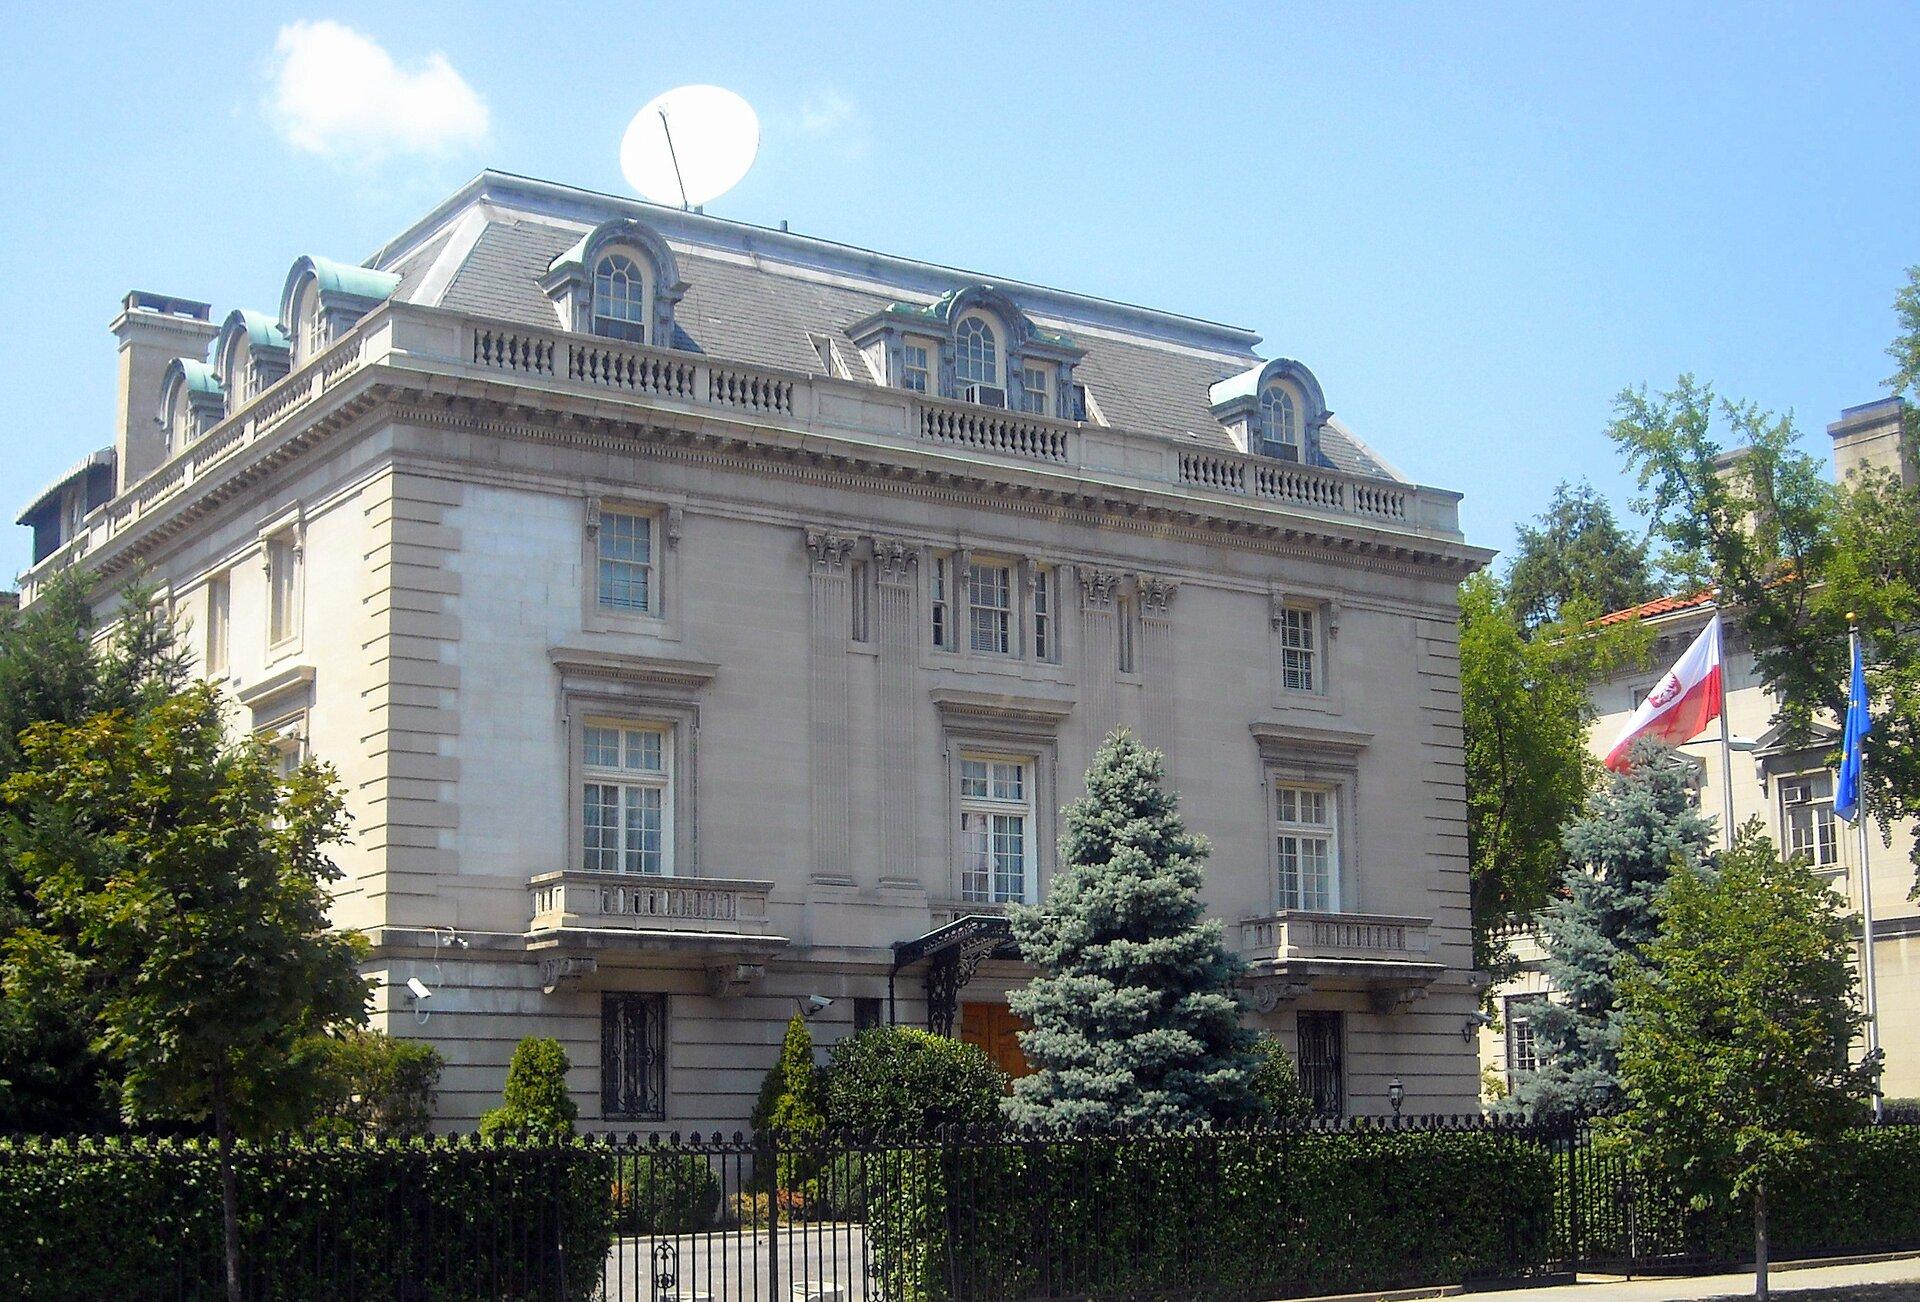 Kolorowe zdjęcie przedstawia piętrowy budynek ambasady Polski wWaszyngtonie. Budynek zbiałego kamienia. Na pierwszym piętrze duże okna. Przed oknami balustrady balkonów. Na pierwszym piętrze małe okna ozdobione rzeźbami powyżej. Wokół dachu balustrada zkamienia. Wdachu okna wformie wykuszy. Okna zaokrąglone wgórnej części. Dach pokryty szarą dachówką. Na dachu duża antena satelitarna. Przed budynkiem drzewa ikrzewy. Budynek otoczony czarnym kutym płotem. Wzdłuż płotu, od podwórza, zielony żywopłot. Po prawej stronie, przed budynkiem, dwa maszty zflagami. Po lewej flaga Polski. Na fladze godło Polski. Po prawej flaga Unii Europejskiej.